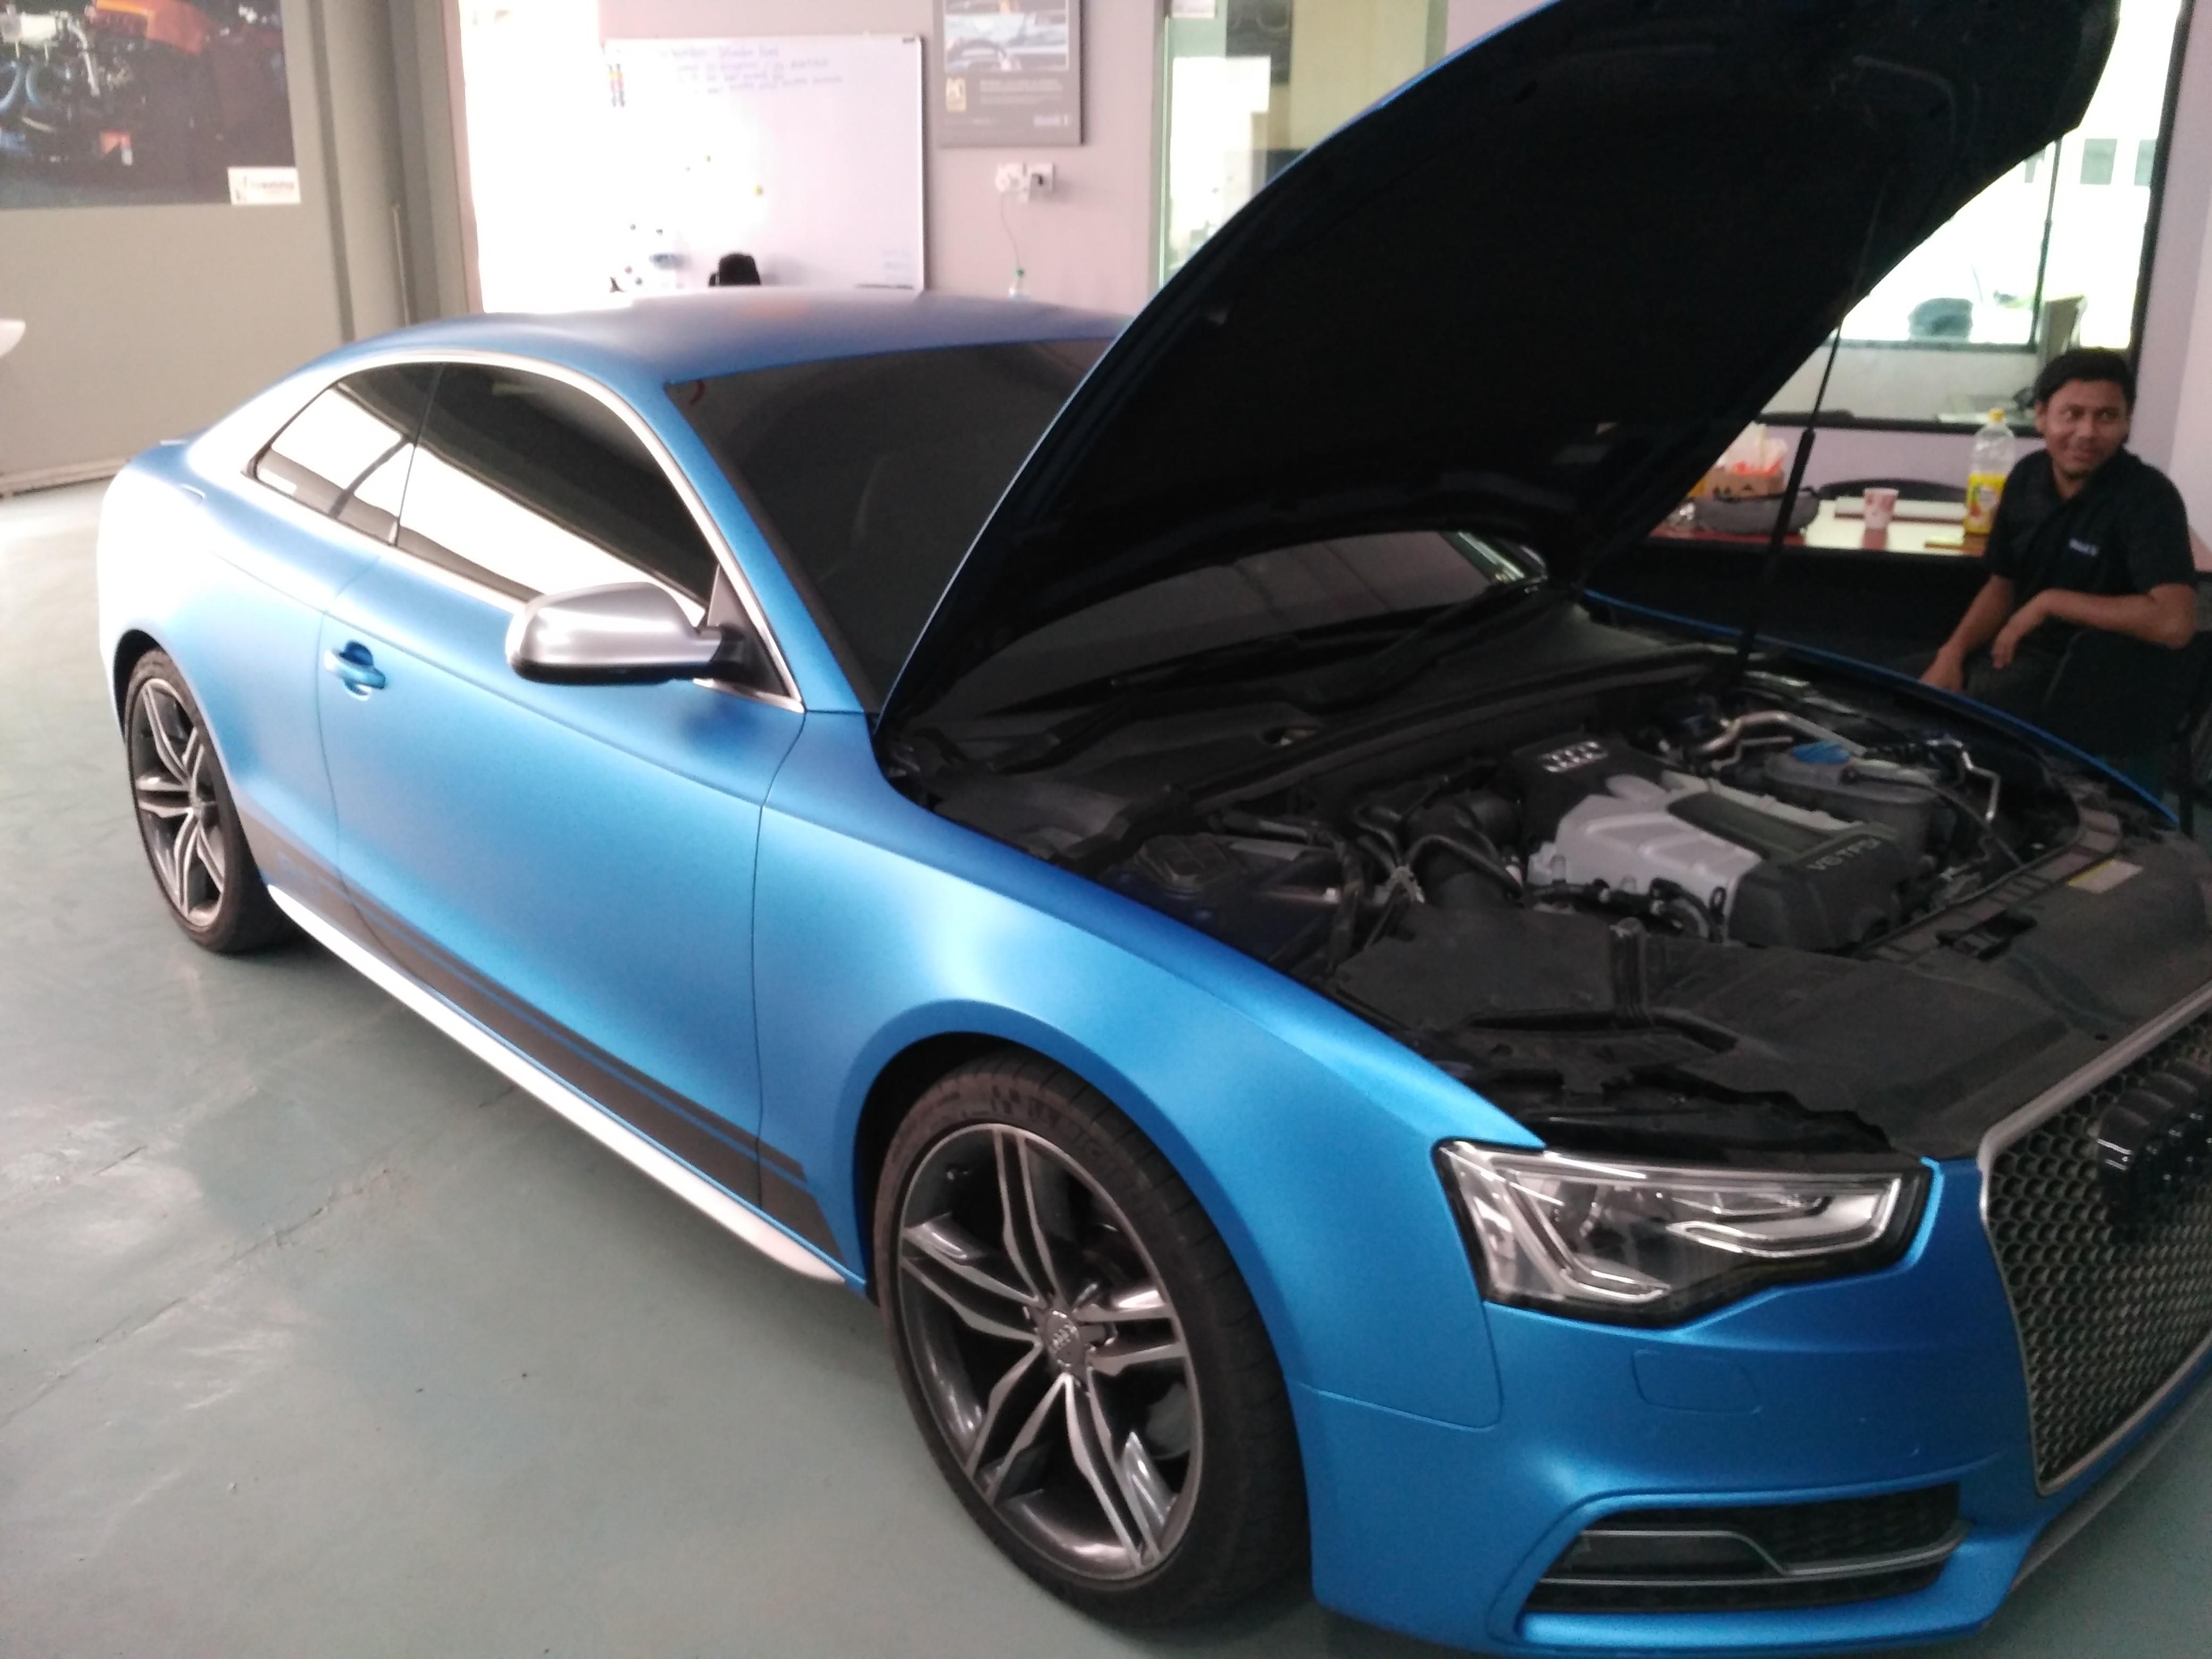 Audi S Major Service The Workshop Malaysia Auto Service Specialist - Fj audi